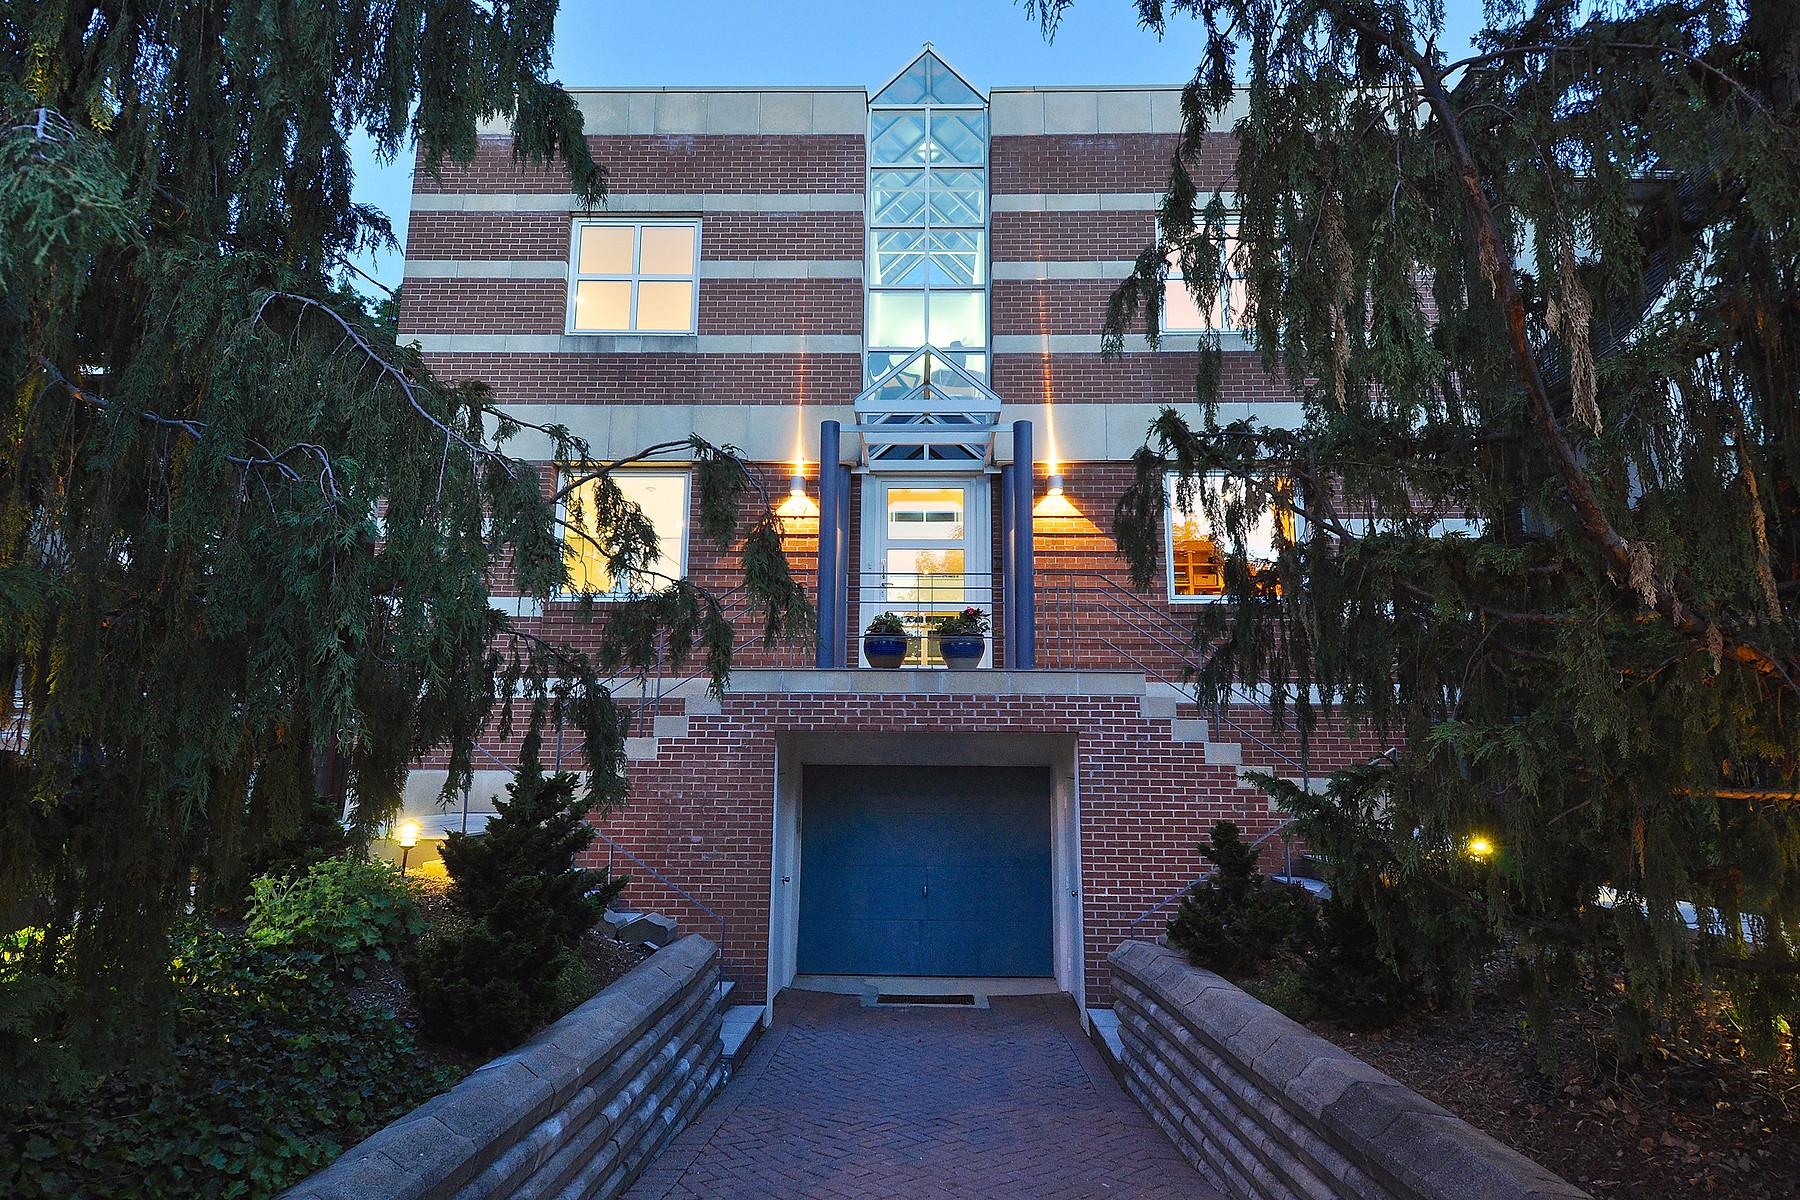 Частный односемейный дом для того Продажа на 17 Douglas Crescent, Toronto Toronto, Онтарио M4W 2E6 Канада